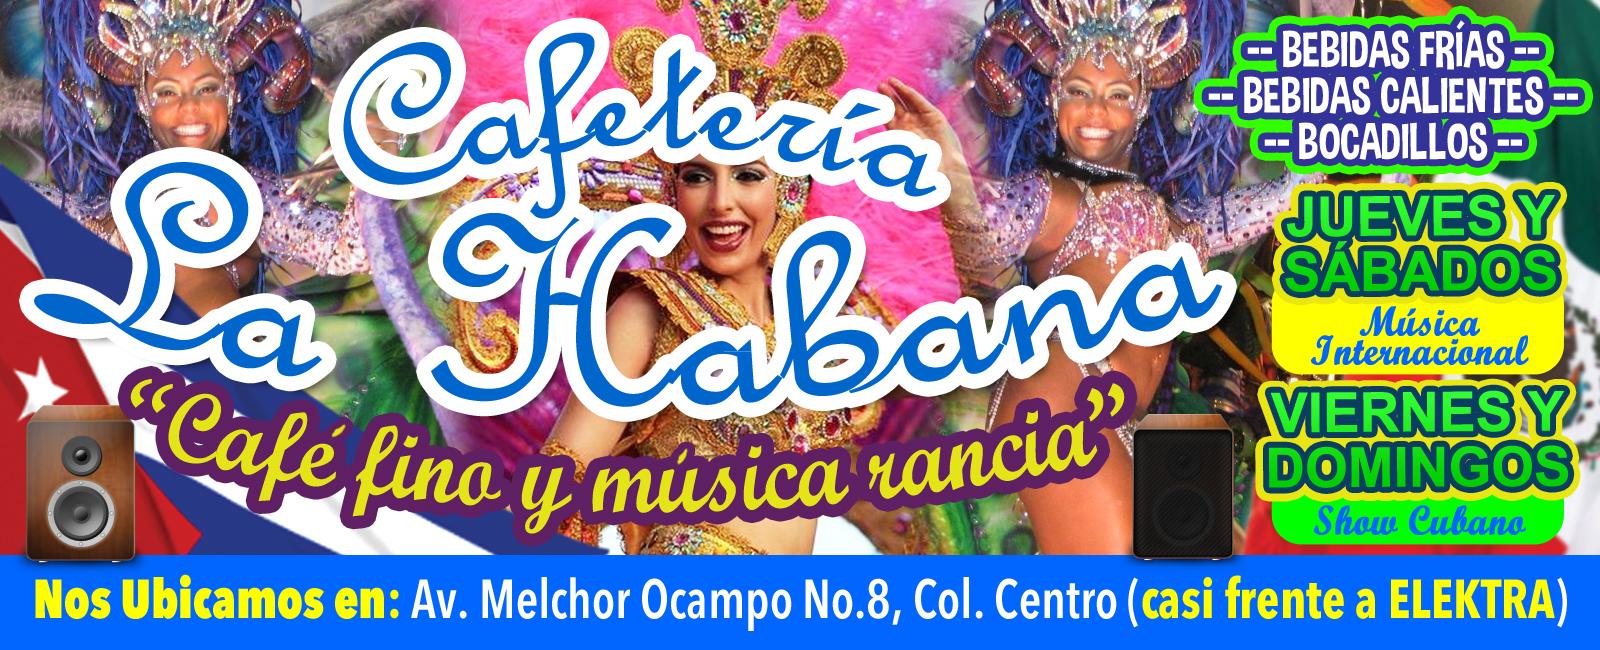 cafeteria-la-habana-cafe-y-musica-almanaque-mx